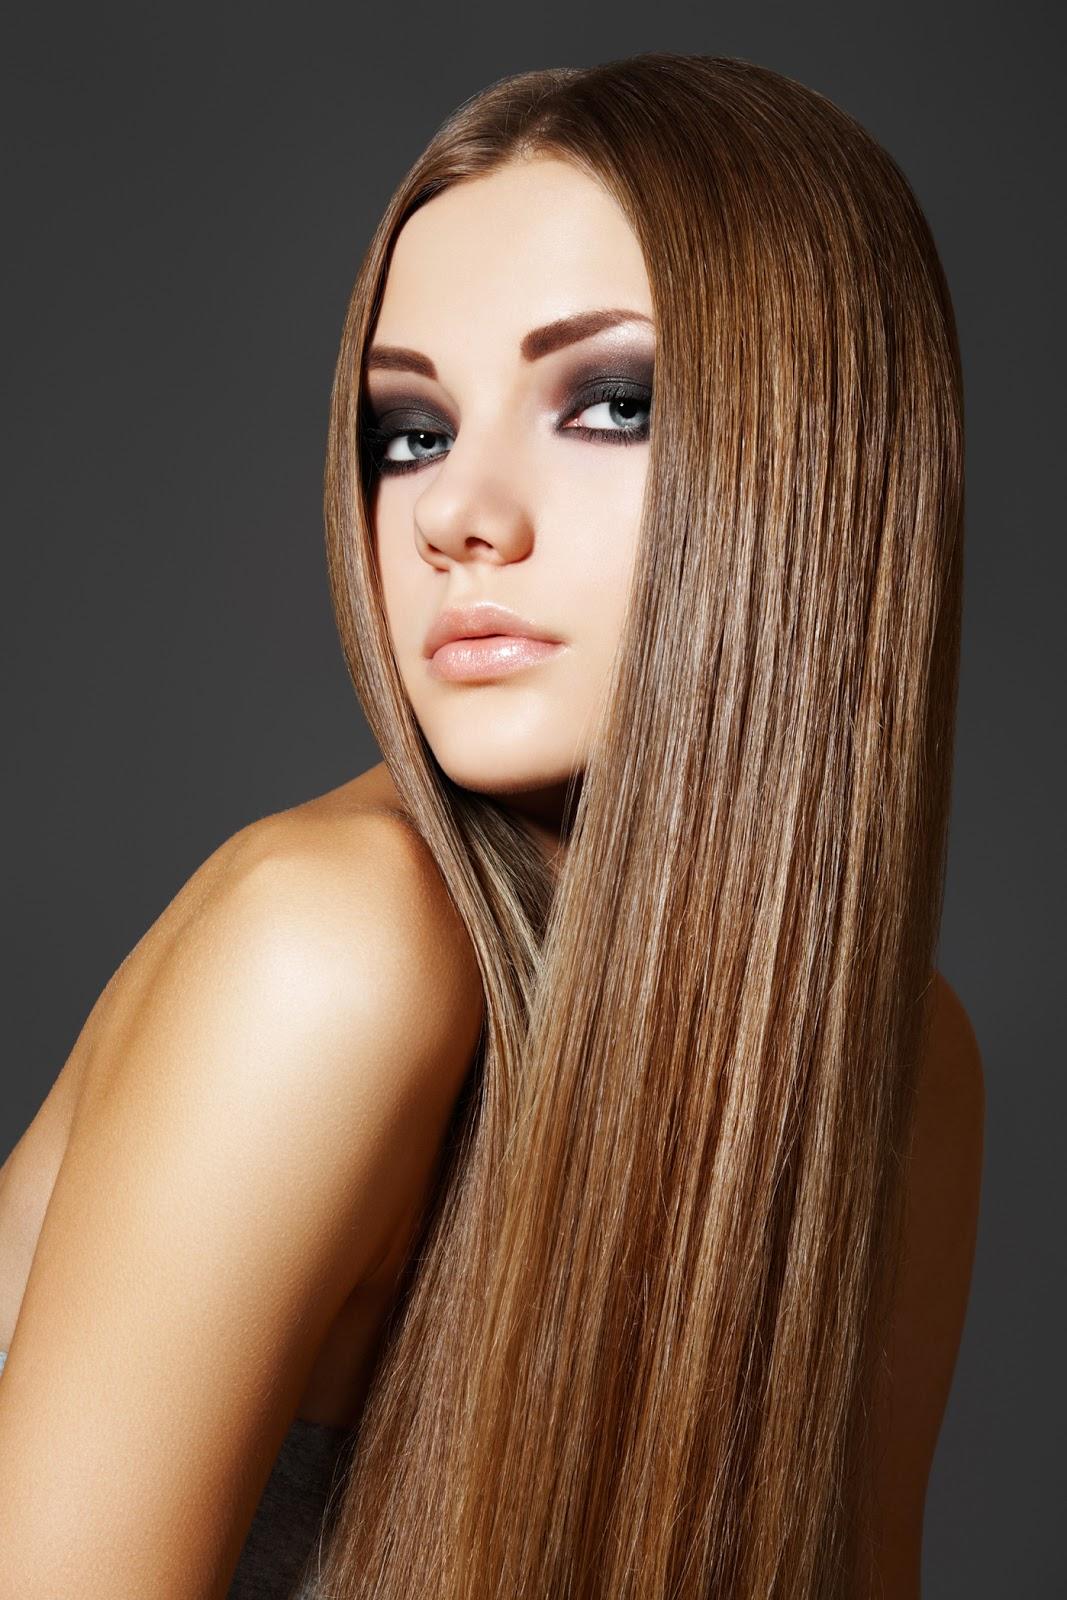 Un look impactante con peinados pelo liso Galería de cortes de pelo tutoriales - DE LA CREU ESTILISME TU PELUQUERIA EN GIRONA: Consejos ...